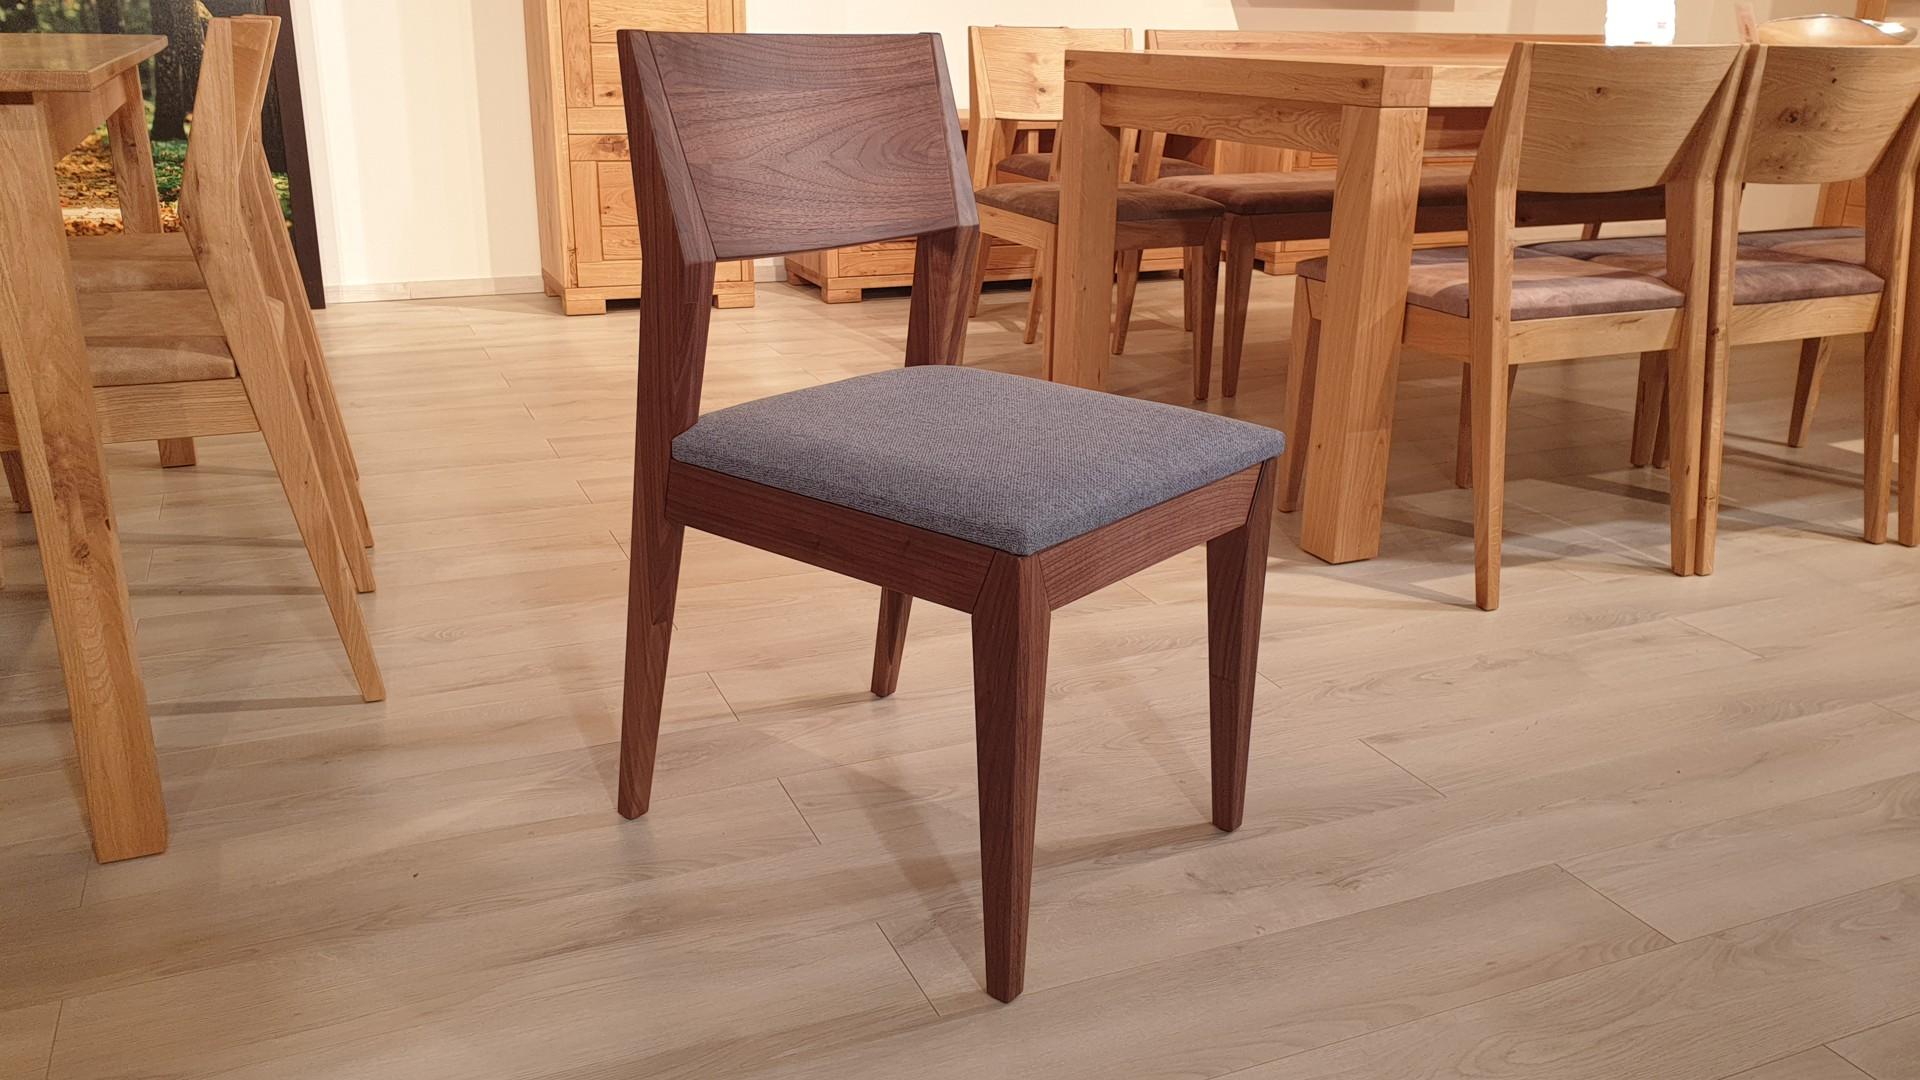 Egészségünk szempontjából is fontos, milyen széken ülünk